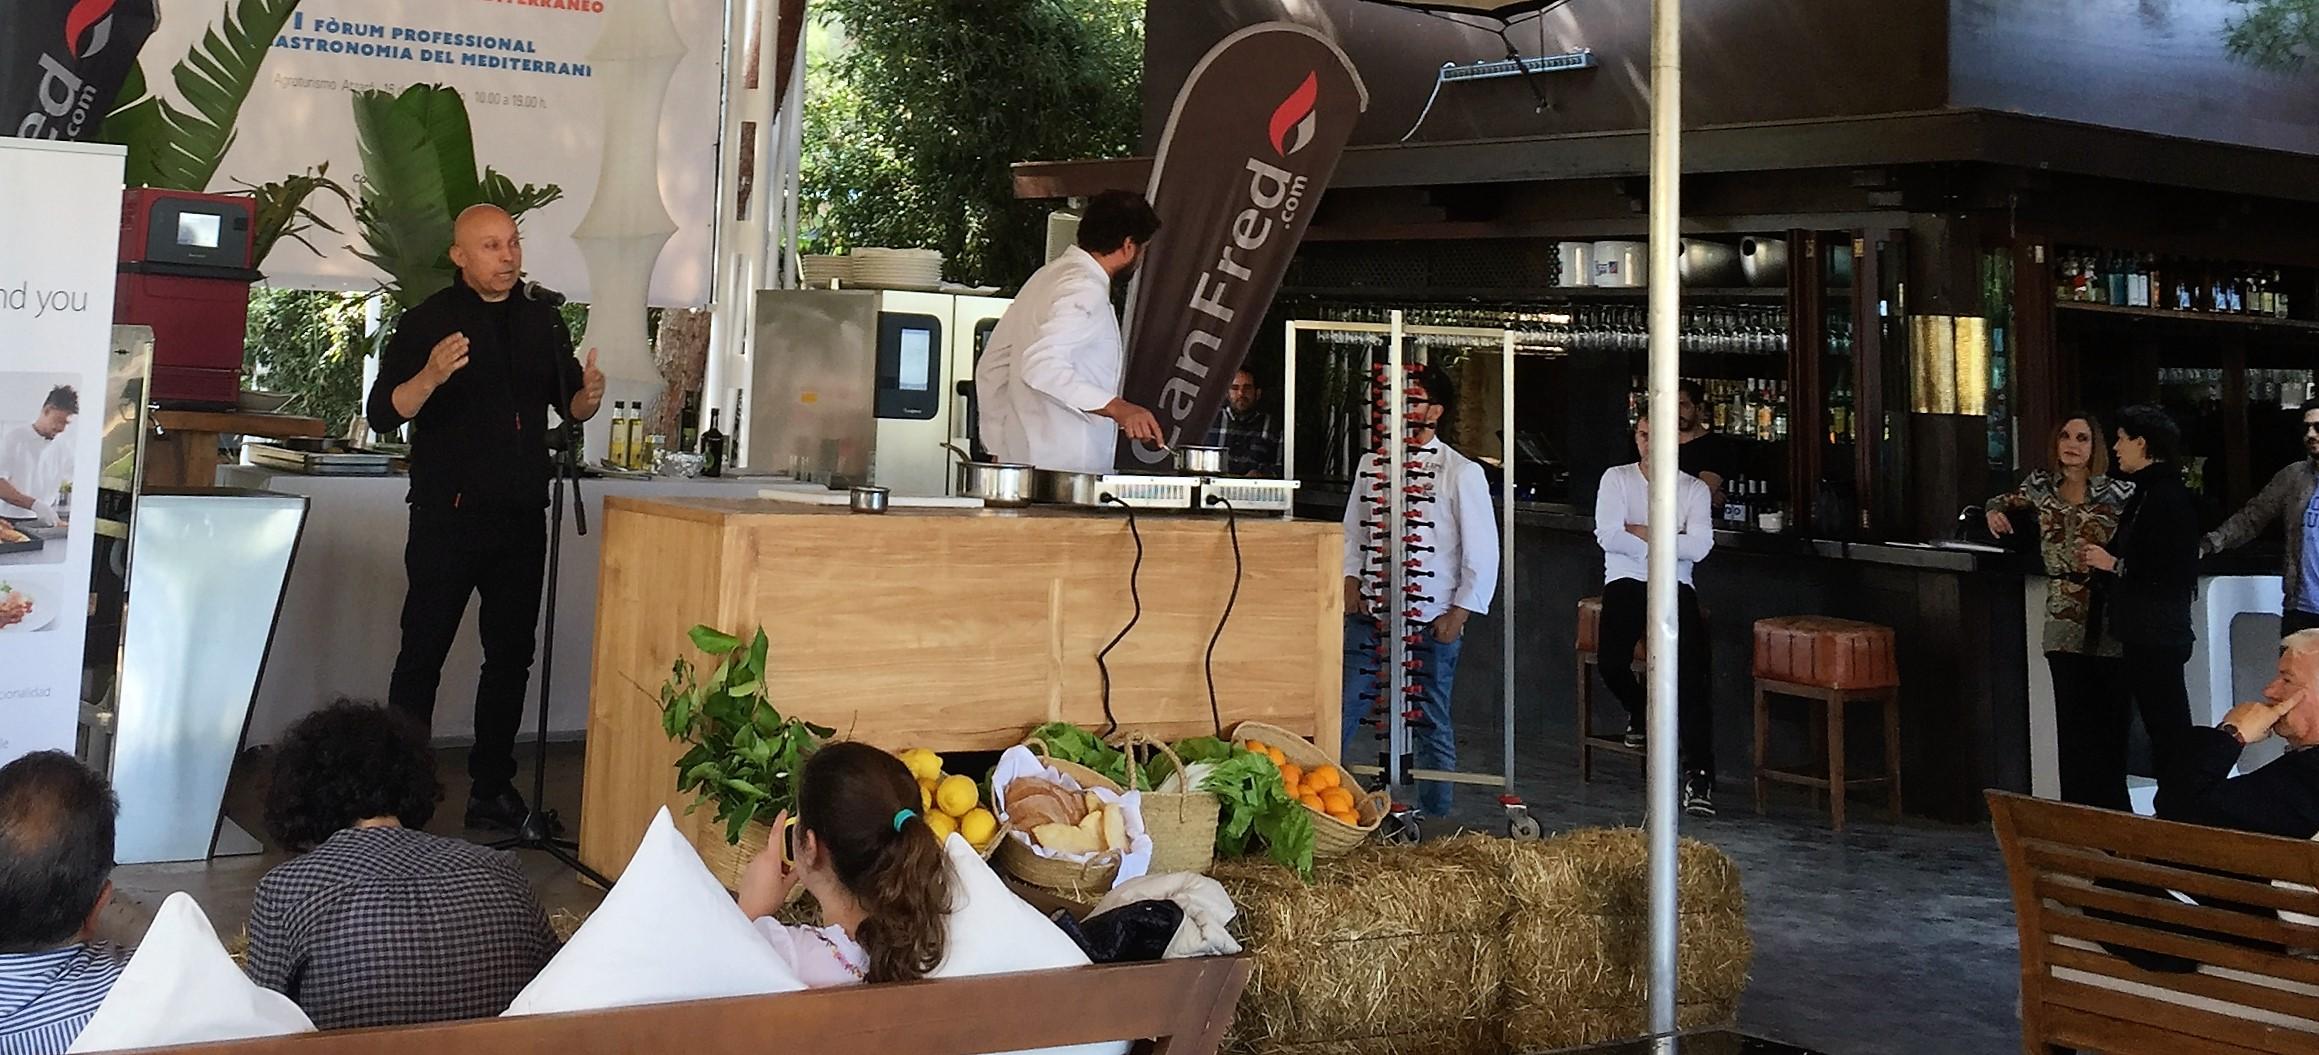 Juan luis Ferrá Companatge Foro Gastronomía del Mediterráneo de Ibiza